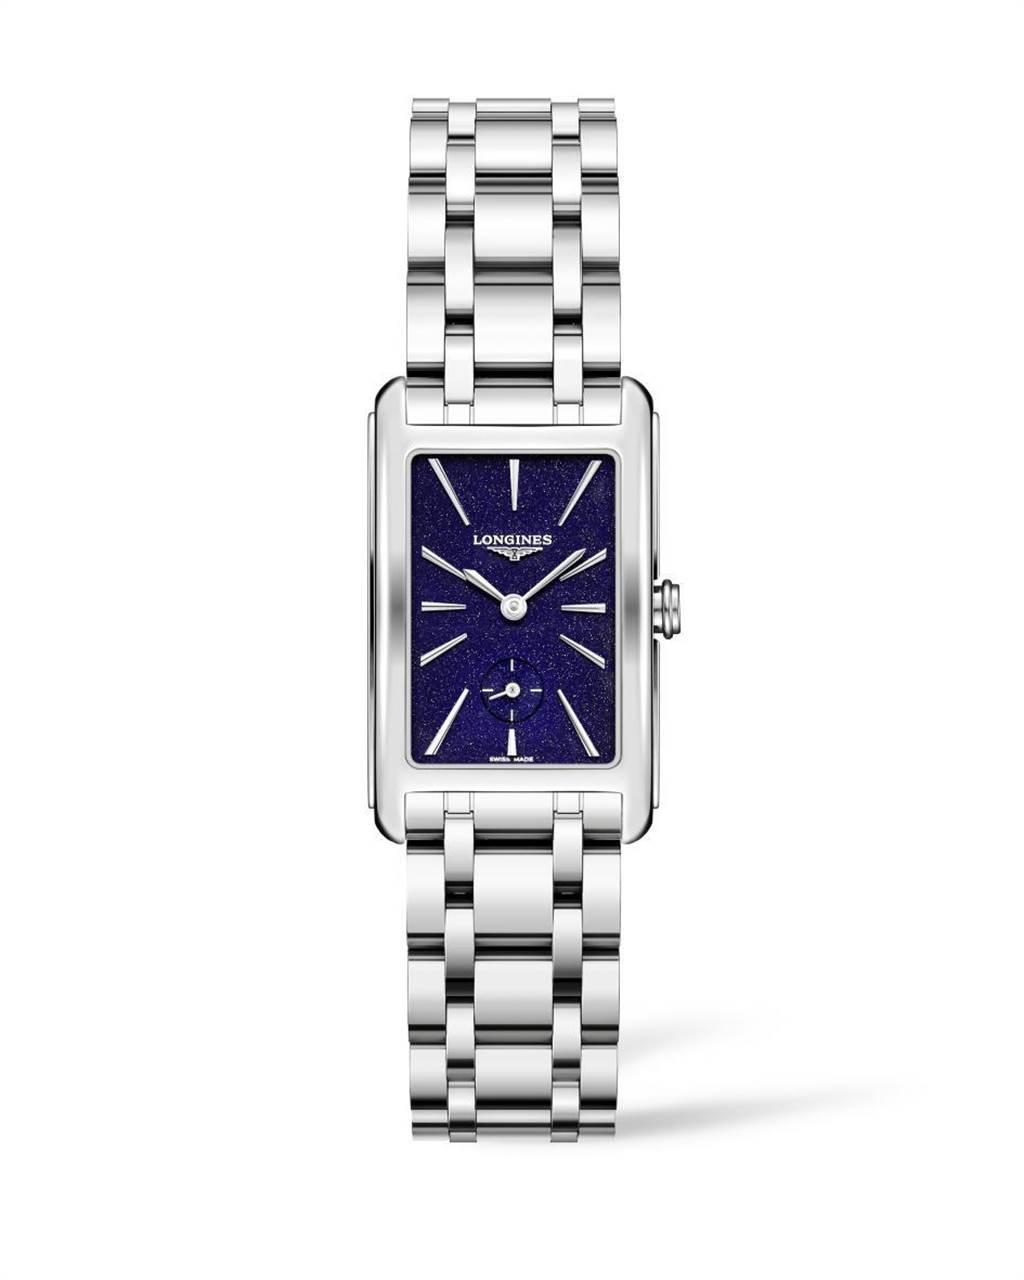 浪琴表DolceVita多情系列星空藍女士腕表,4萬1500元。(Longines提供)